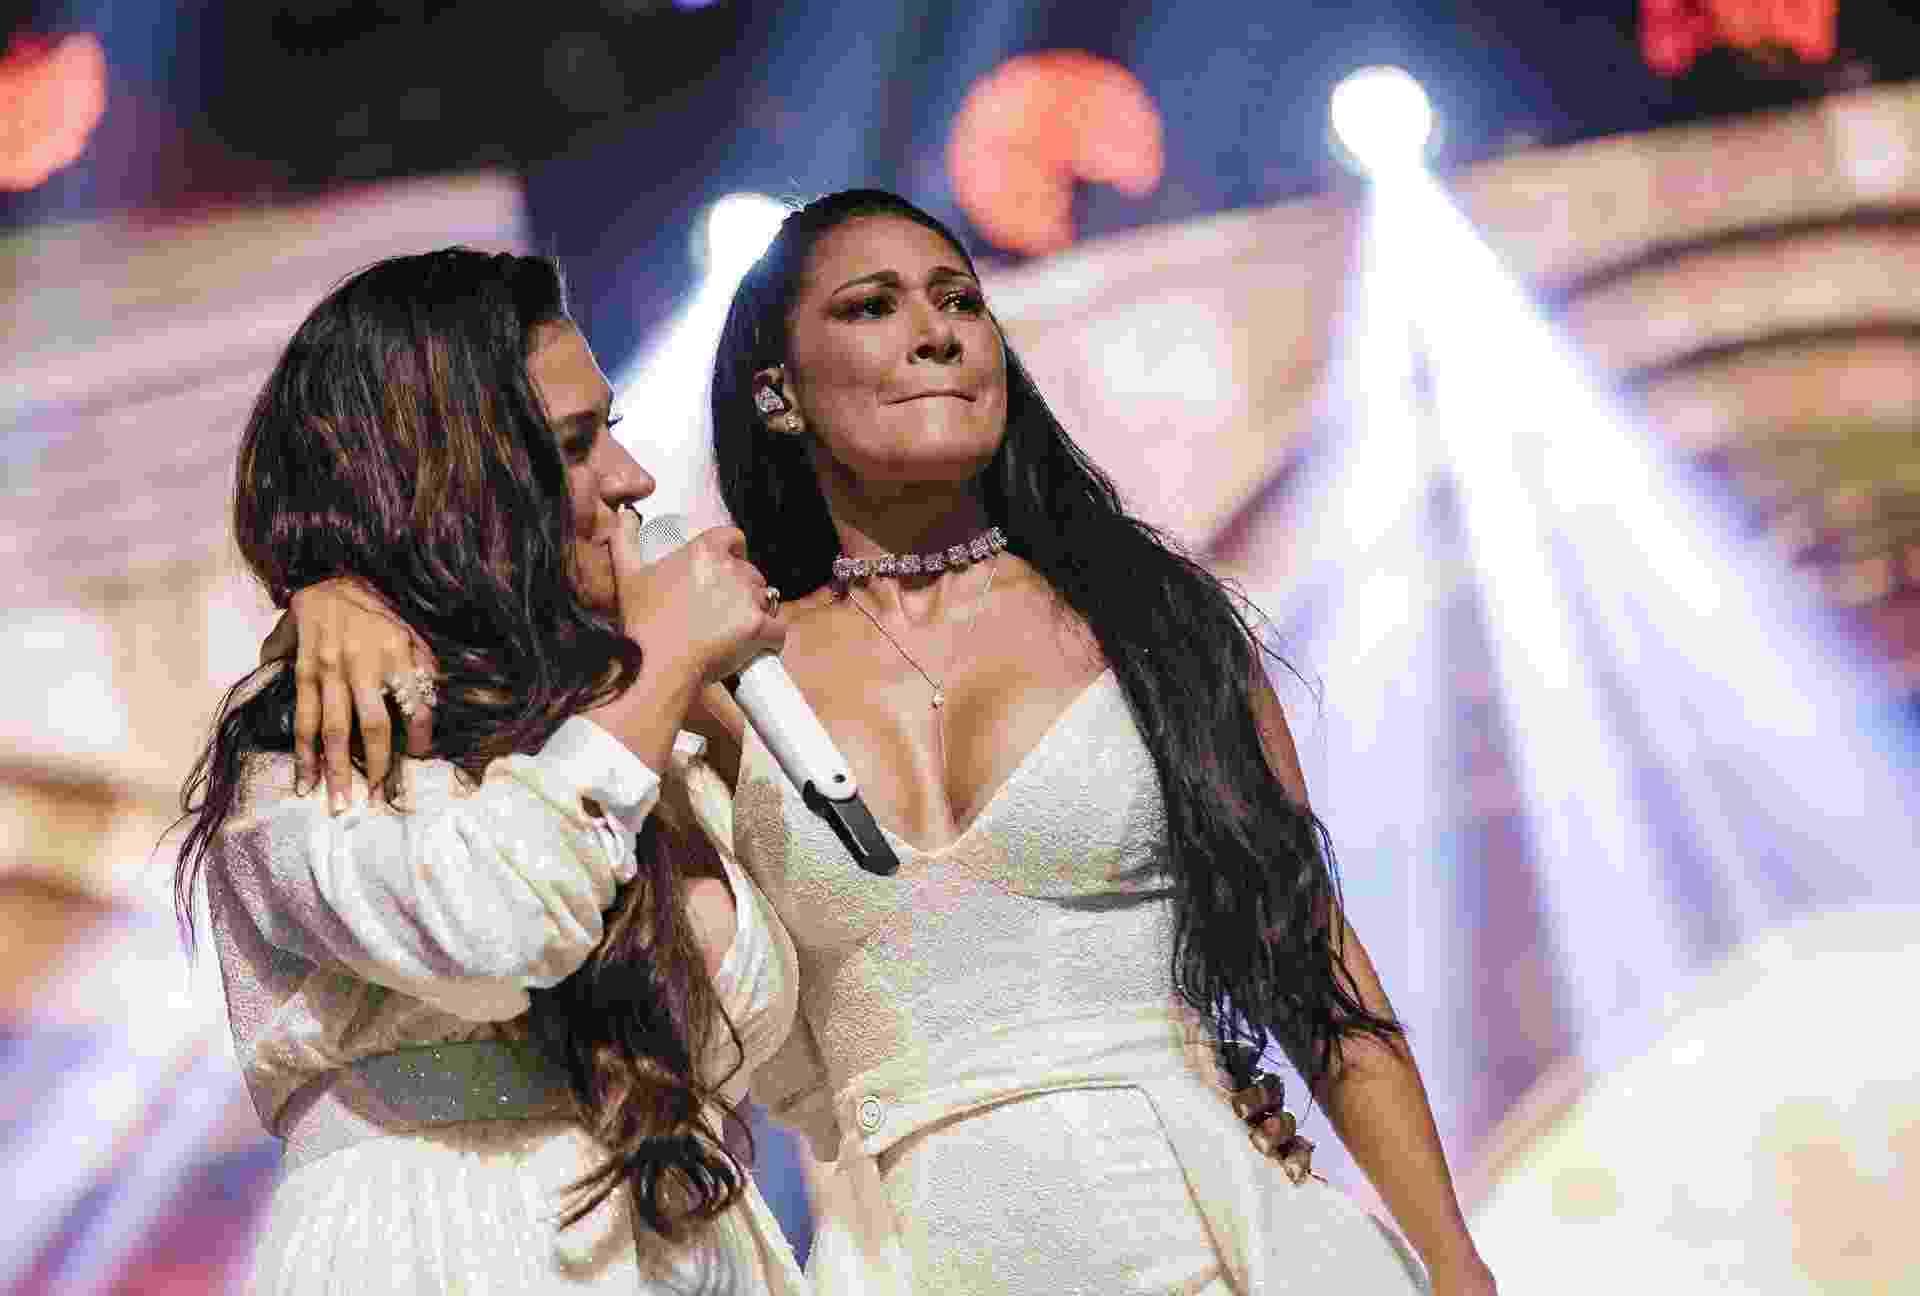 Simone e Simaria cantam em show no Espaço das Américas, em São Paulo, na volta de Simaria aos palcos - Mariana Pekin/UOL